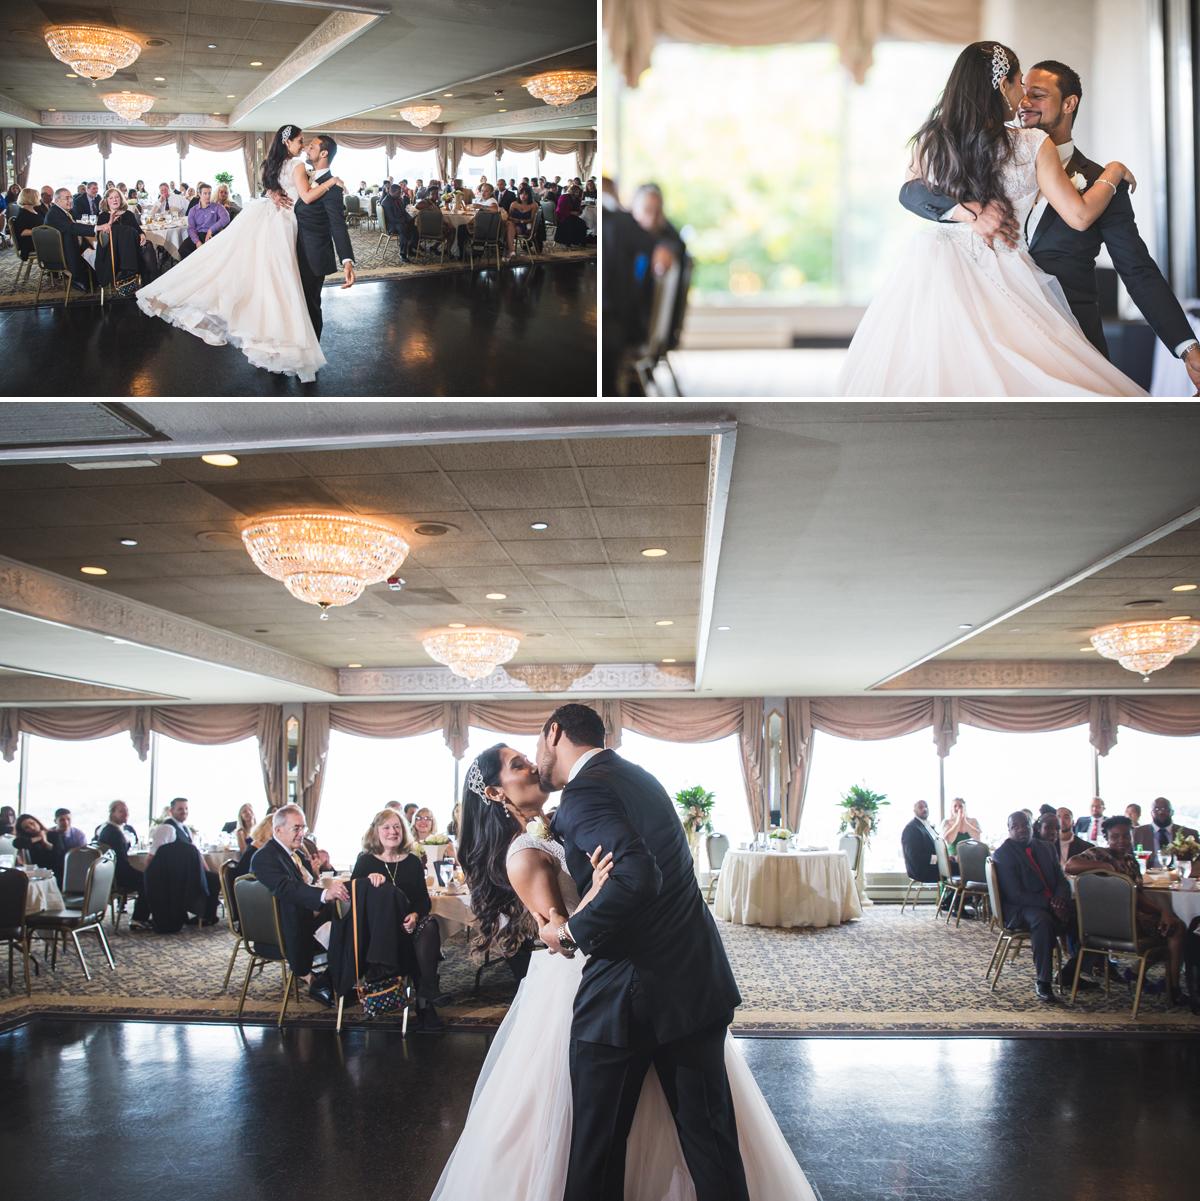 pittsburgh-wedding-photographer-lemont-wedding-overlook-013